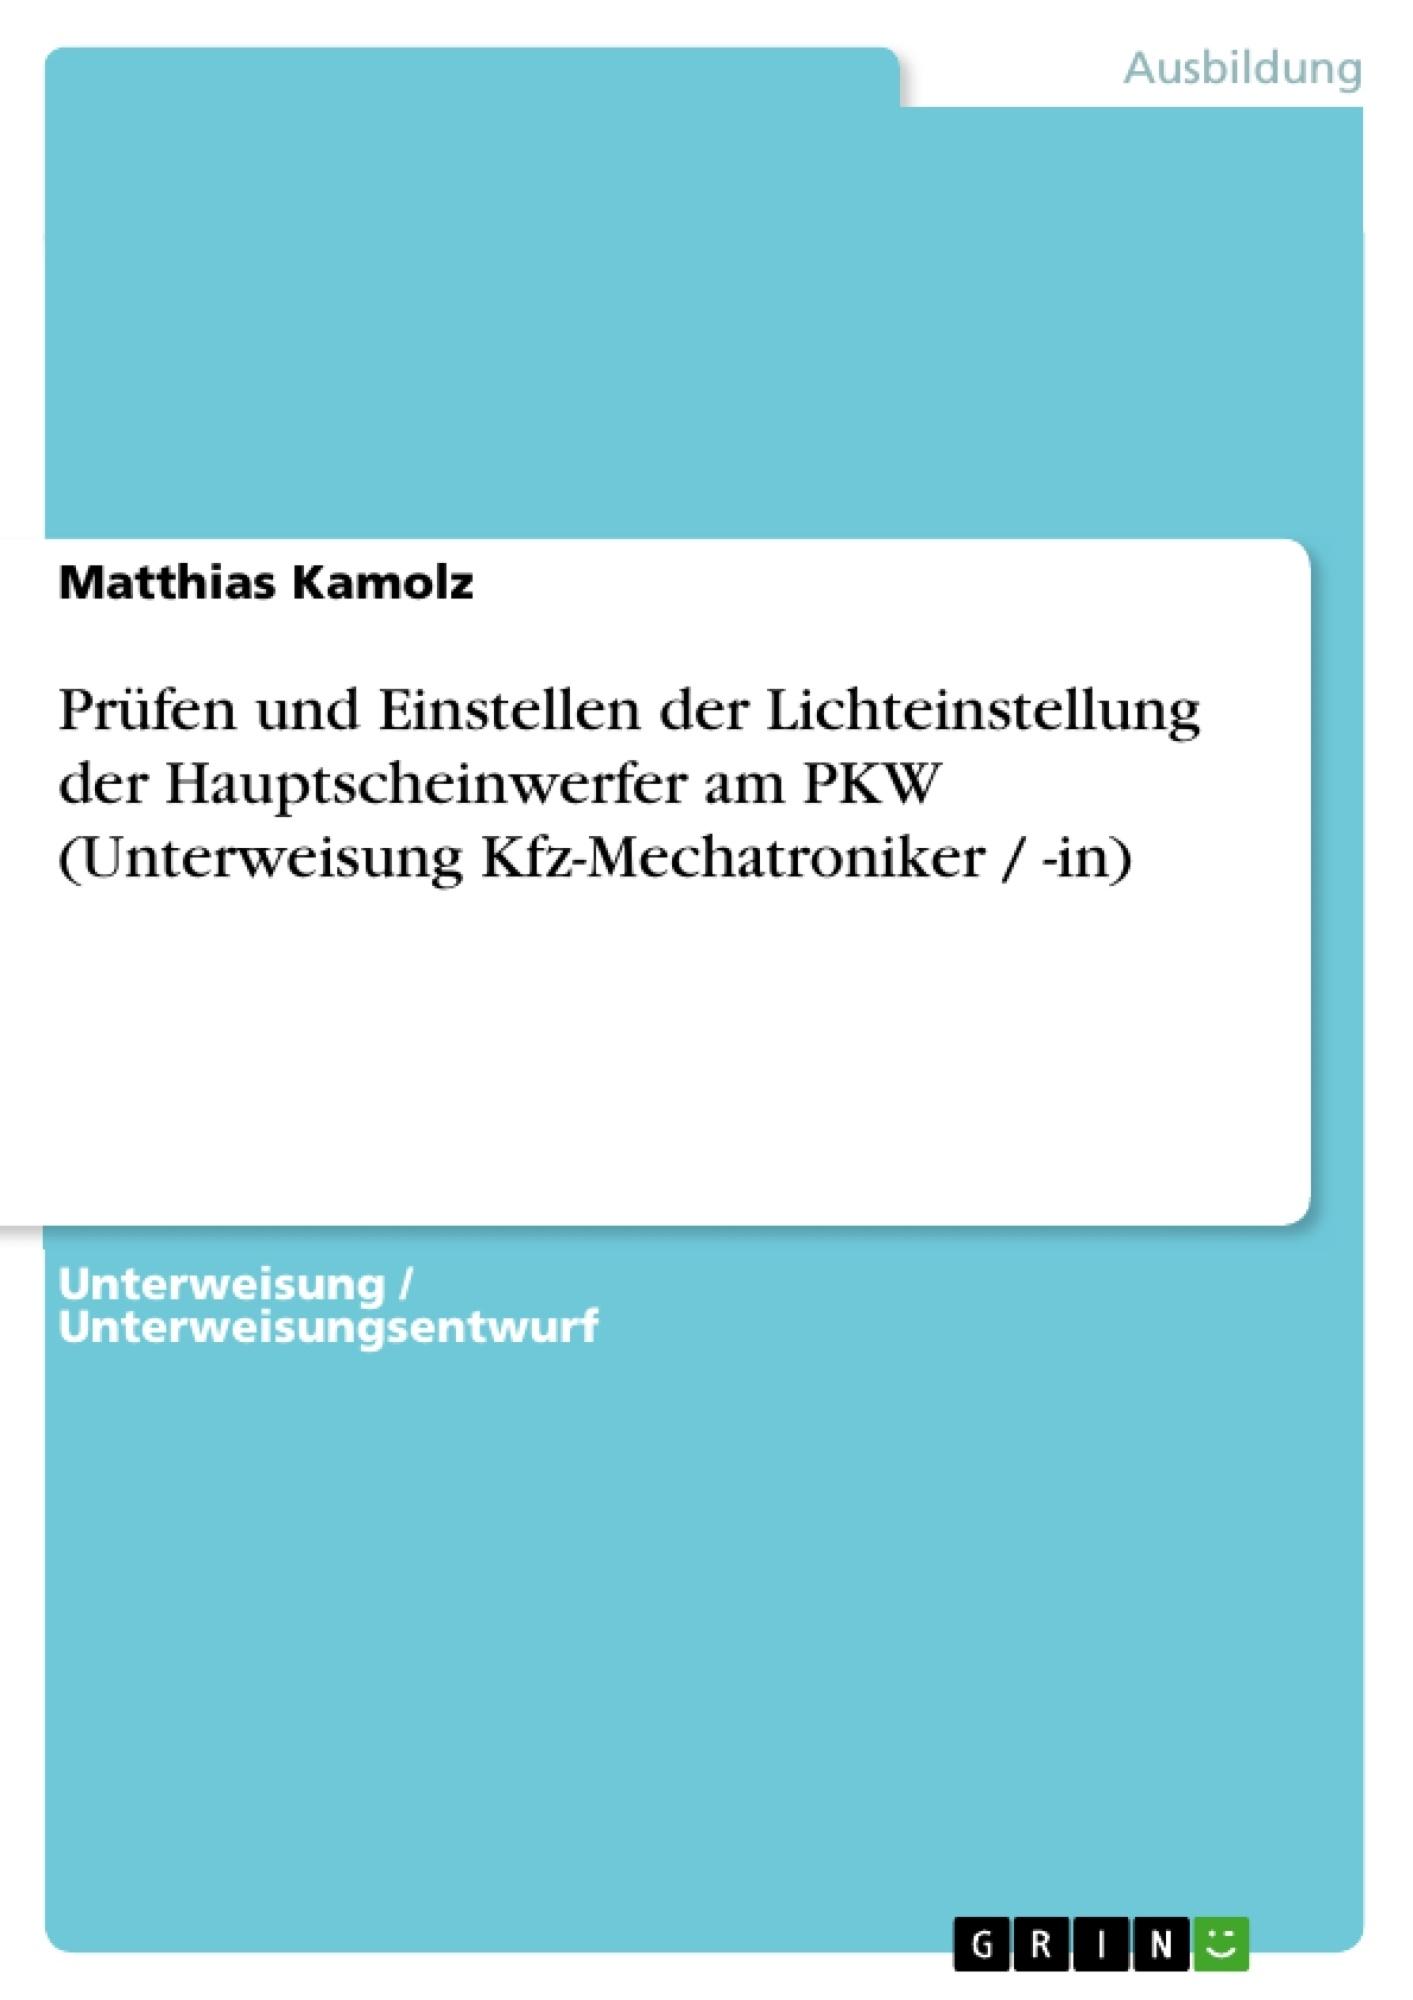 Titel: Prüfen und Einstellen der Lichteinstellung der Hauptscheinwerfer am PKW (Unterweisung Kfz-Mechatroniker / -in)